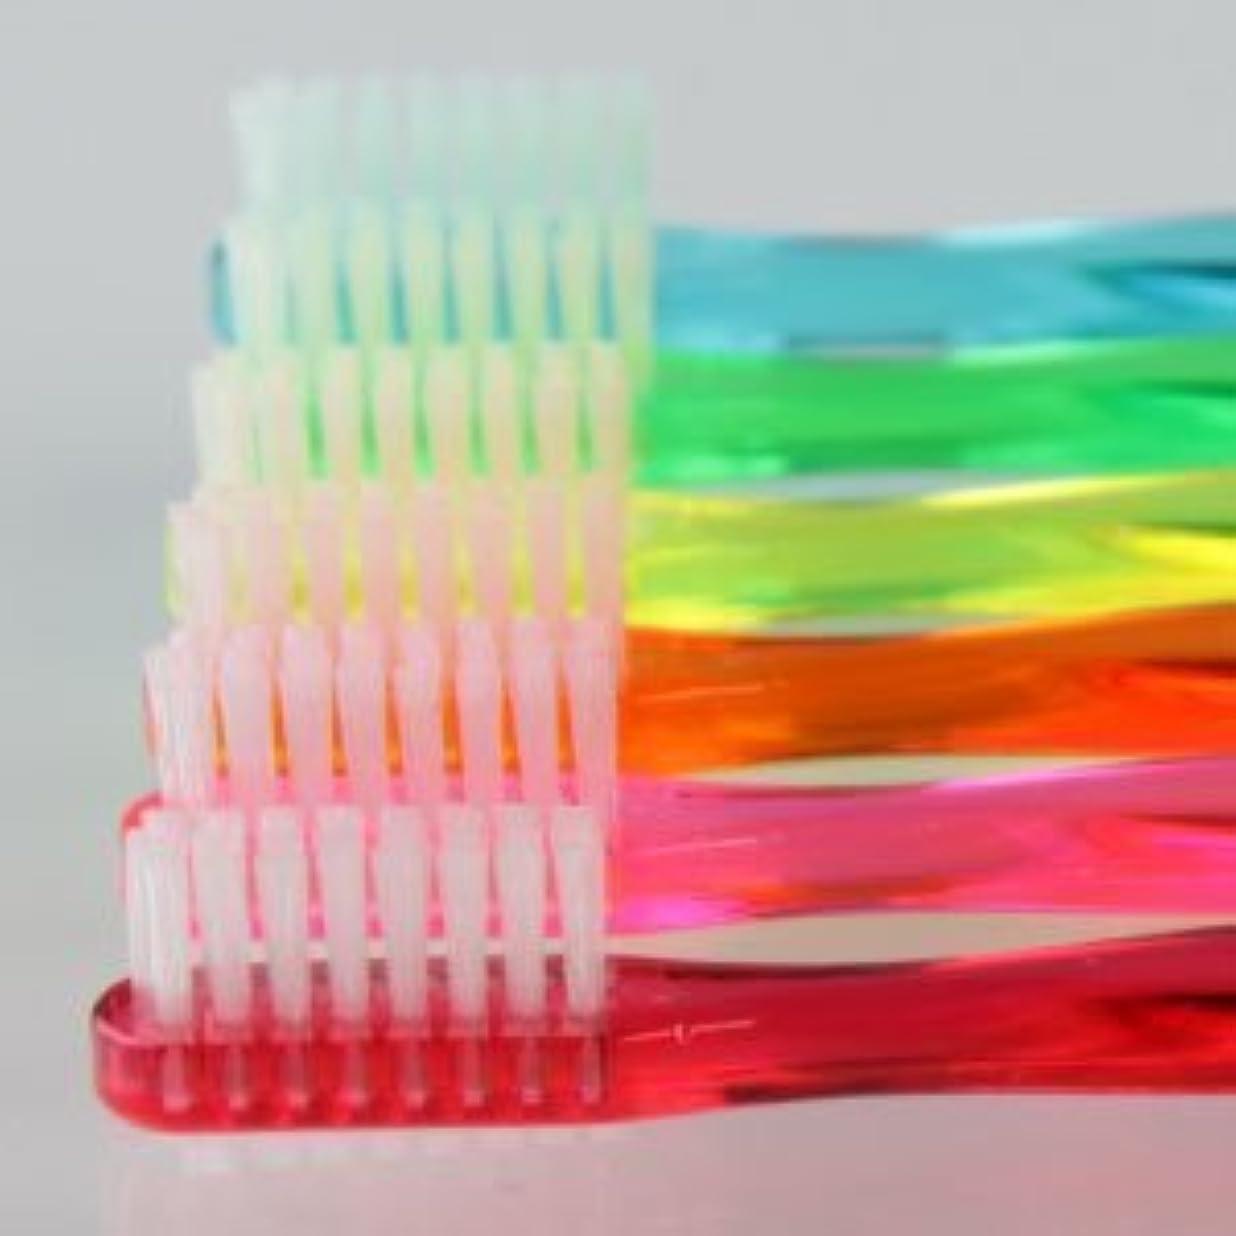 ビーズ後ろにゴミ箱を空にするサムフレンド 歯ブラシ #11(乳歯?永久歯の混合歯列期向け) 6本 ※お色は当店お任せです